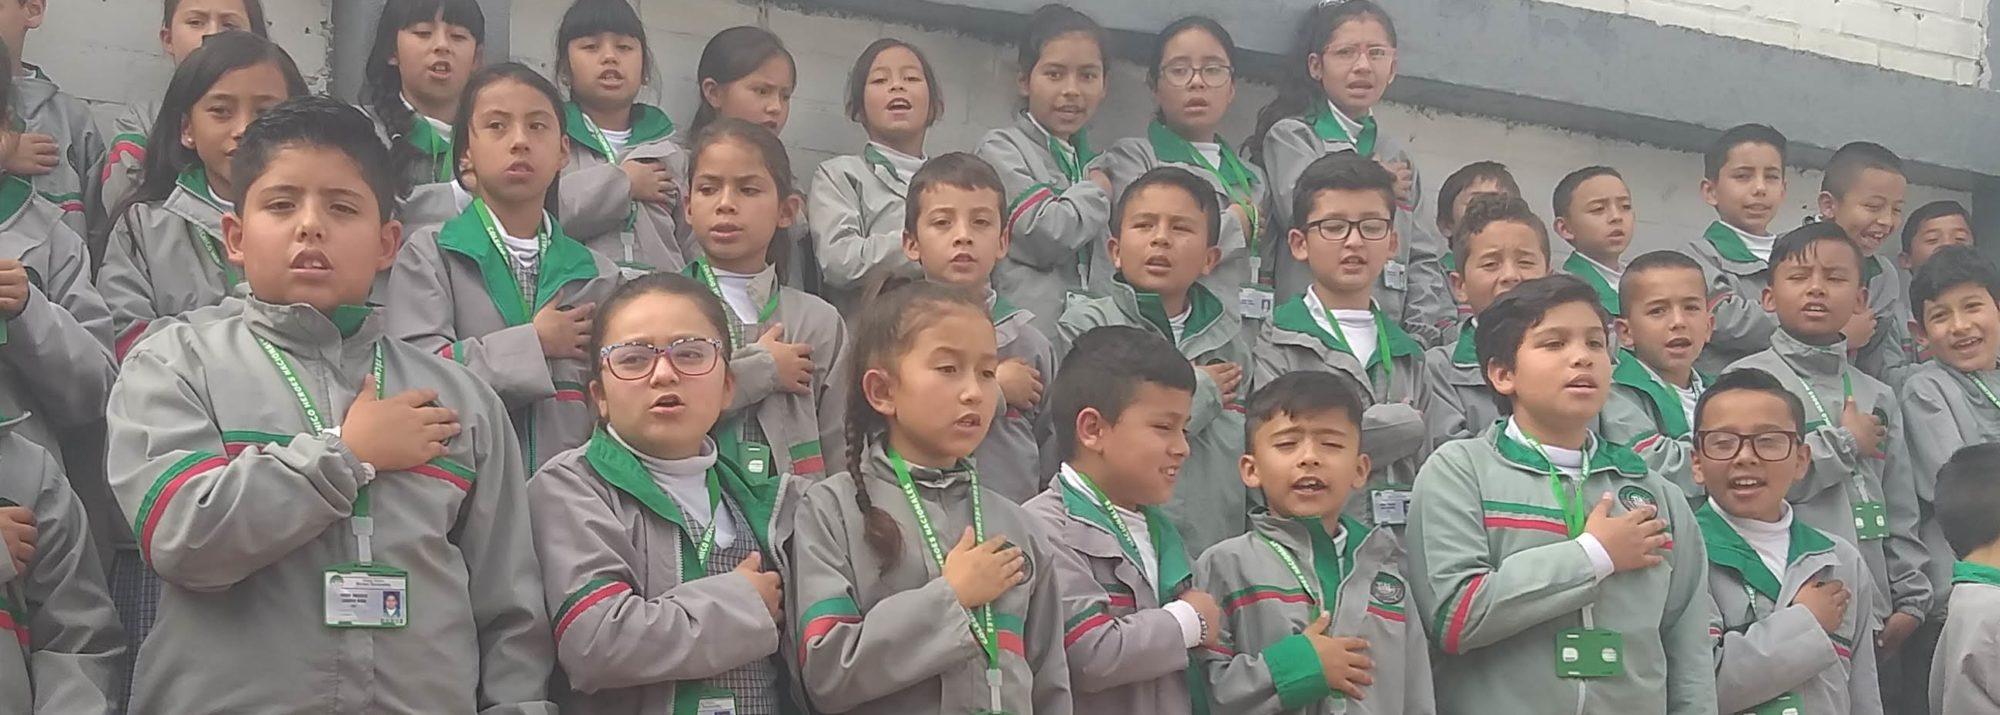 Colegio Técnico Héroes Nacionales